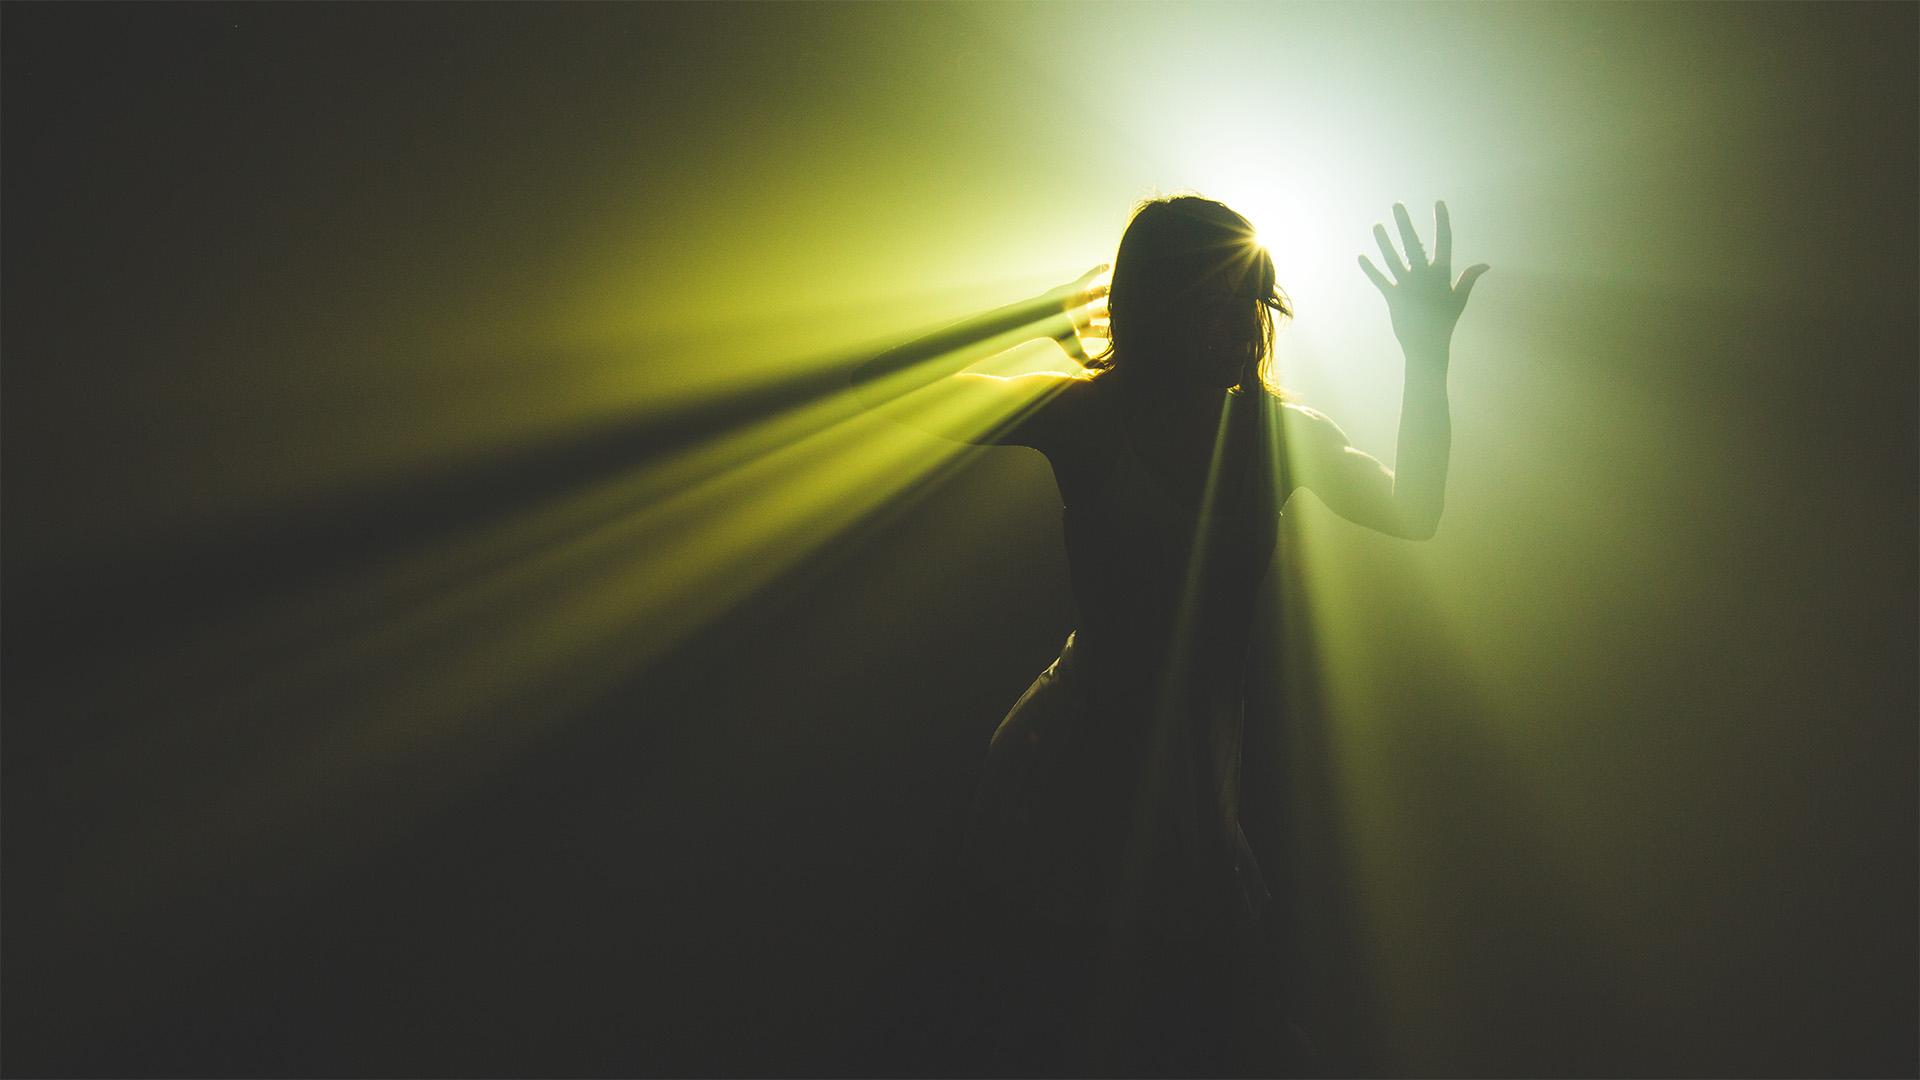 луч света во тьме картинка